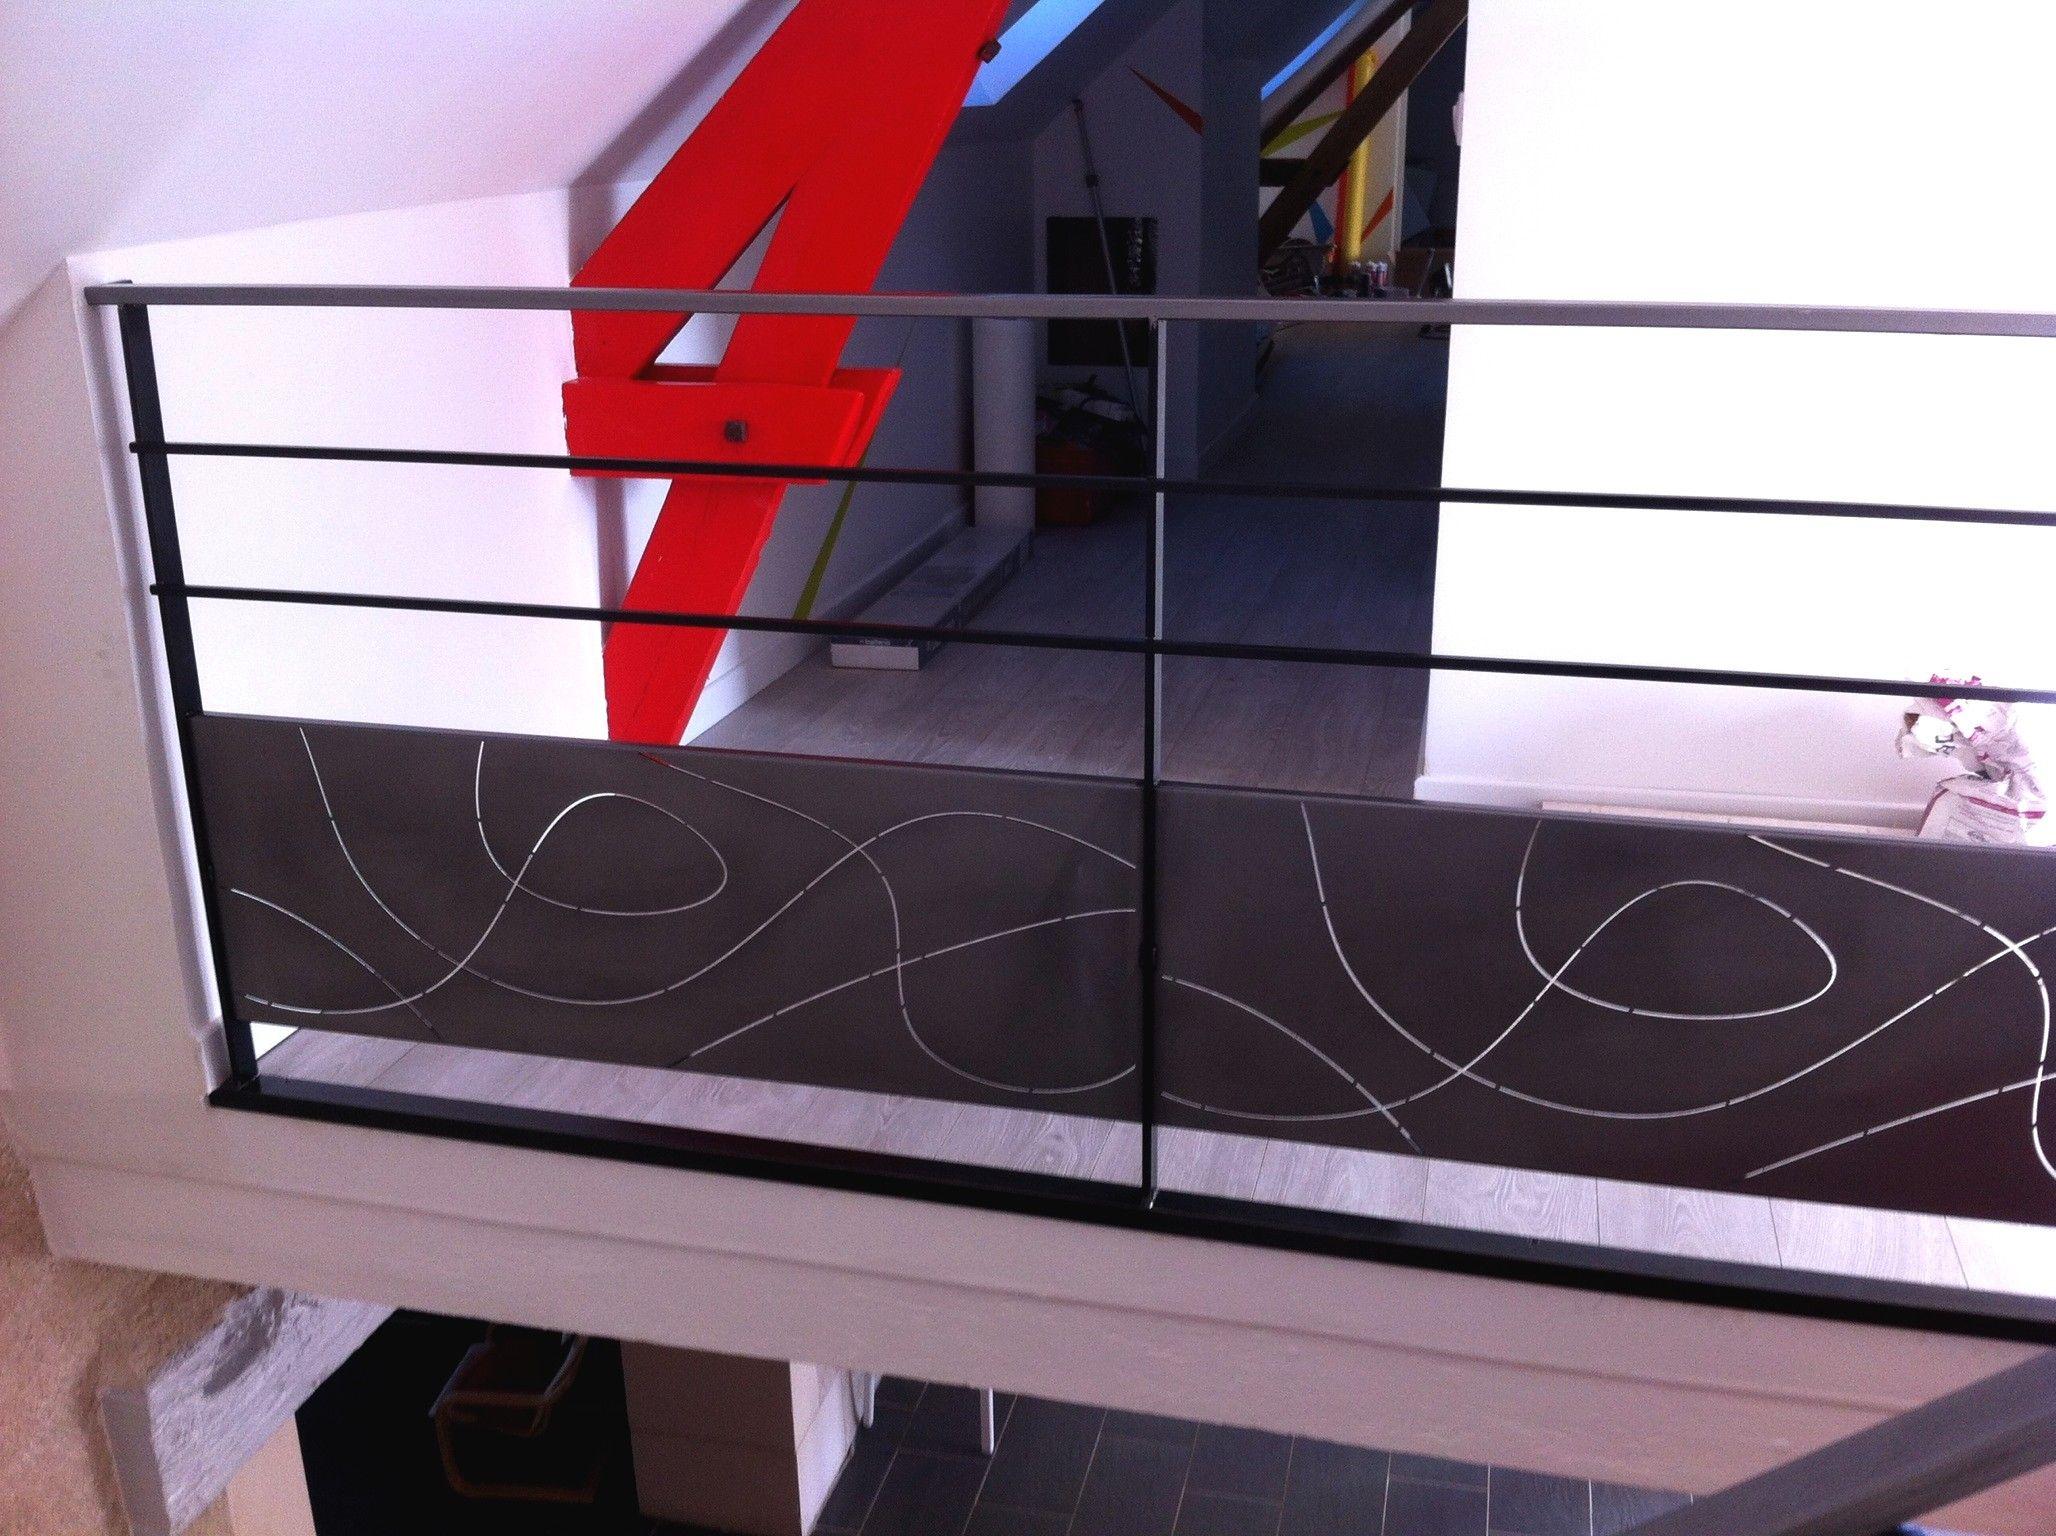 rampe d billard e en acier brut et acier d cap vernis on peut voir un motif en d coupe laser. Black Bedroom Furniture Sets. Home Design Ideas